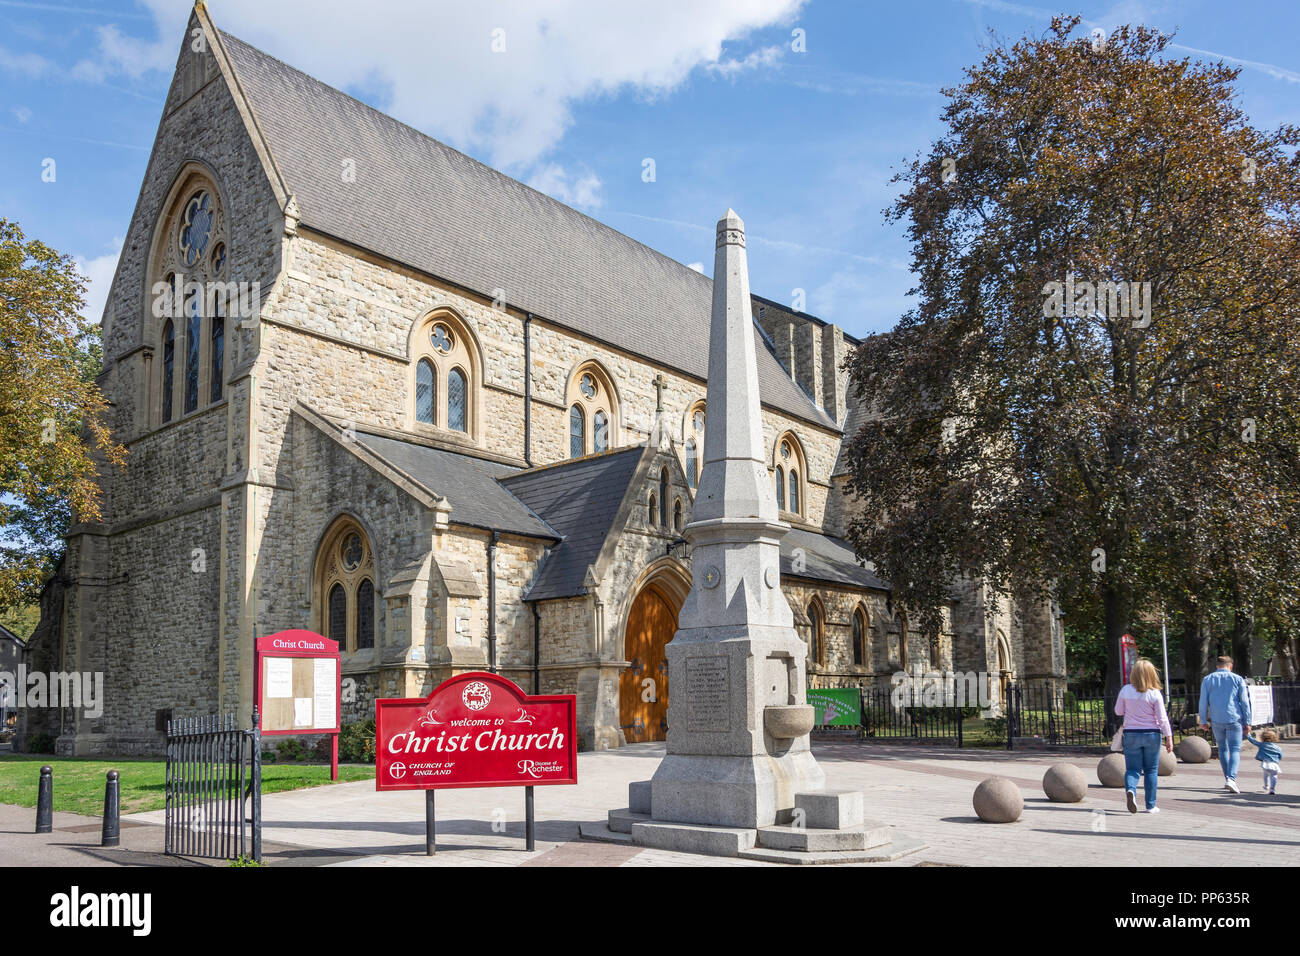 La Chiesa di Cristo, il Broadway, Bexleyheath, London Borough of Bexley, Greater London, England, Regno Unito Immagini Stock